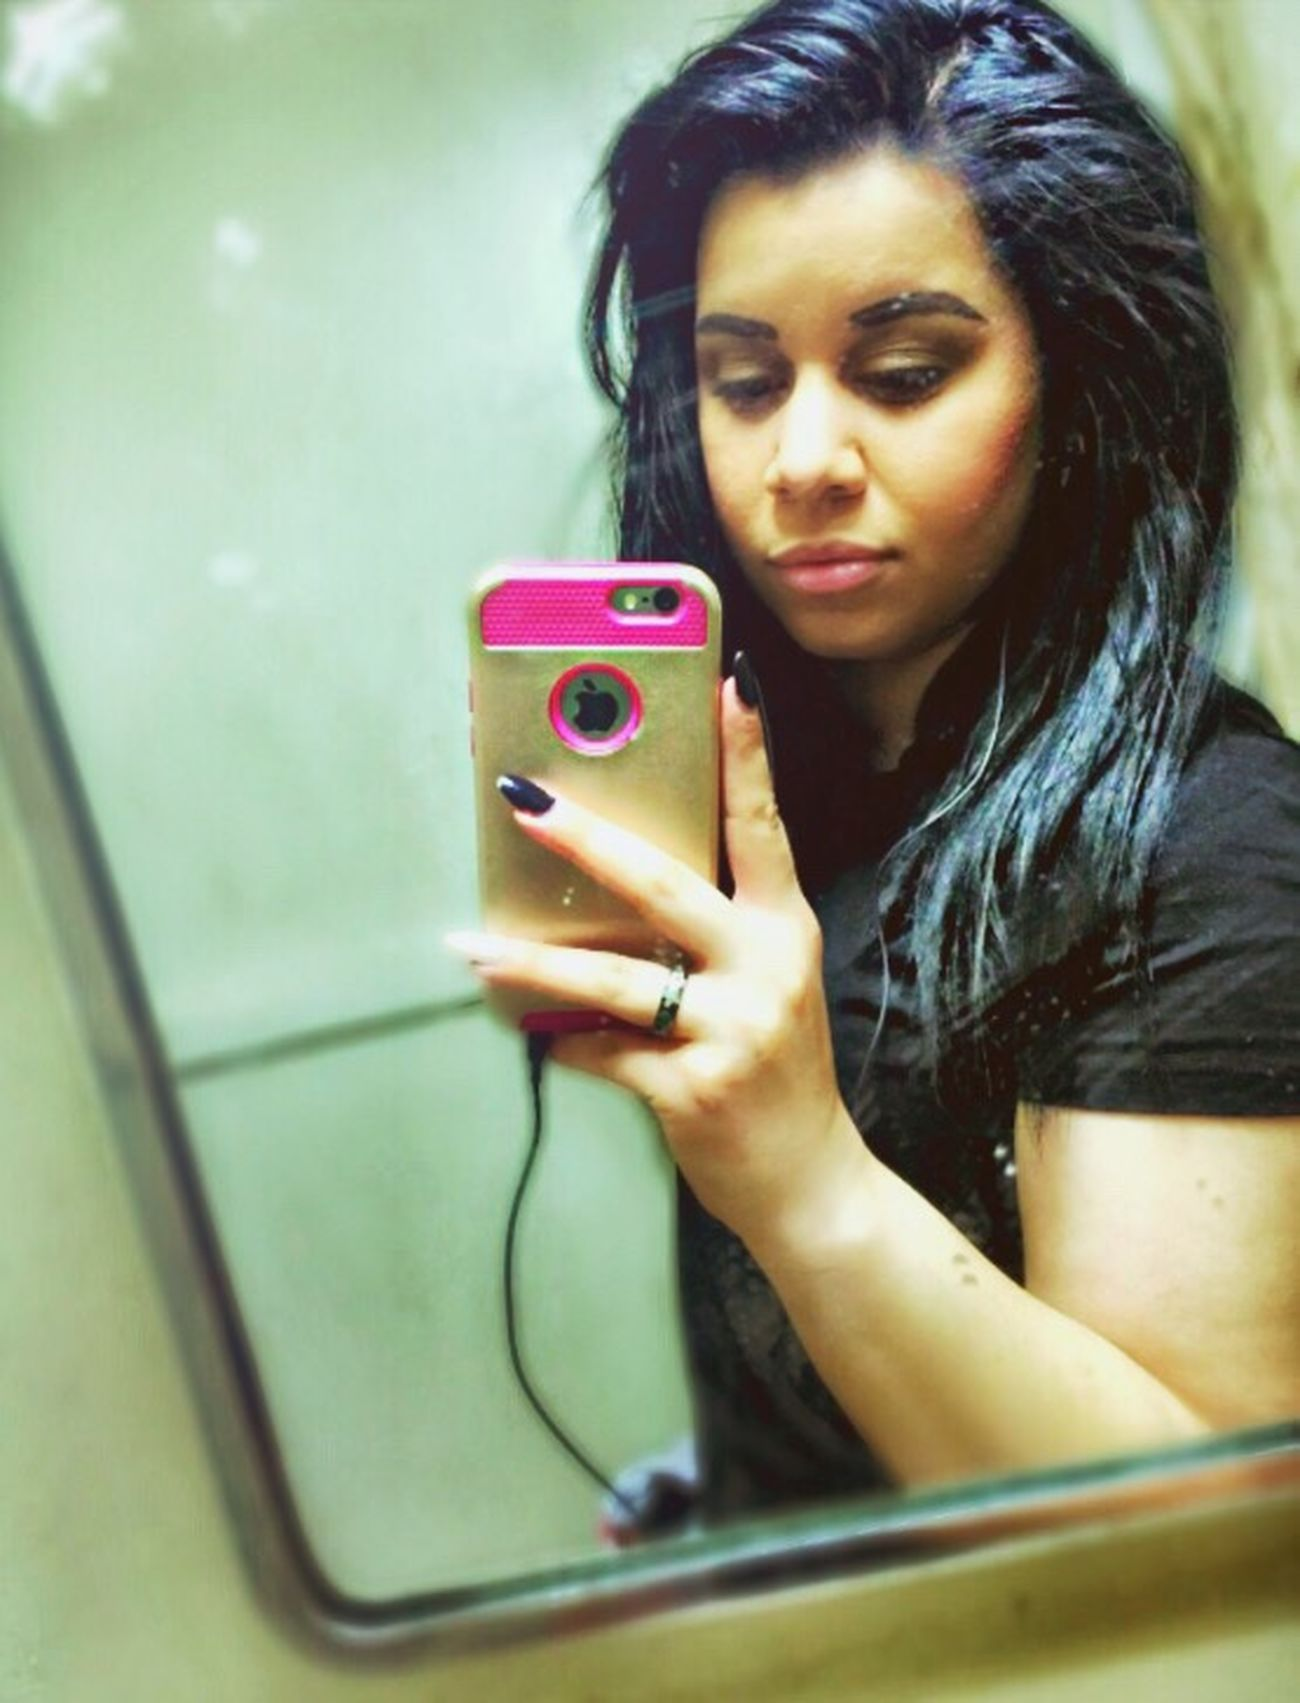 LetDownYourHair Lionhair Photo Mirrorpic Selfie Black Hair Iphone6 Flick  Me Bathroom Pic